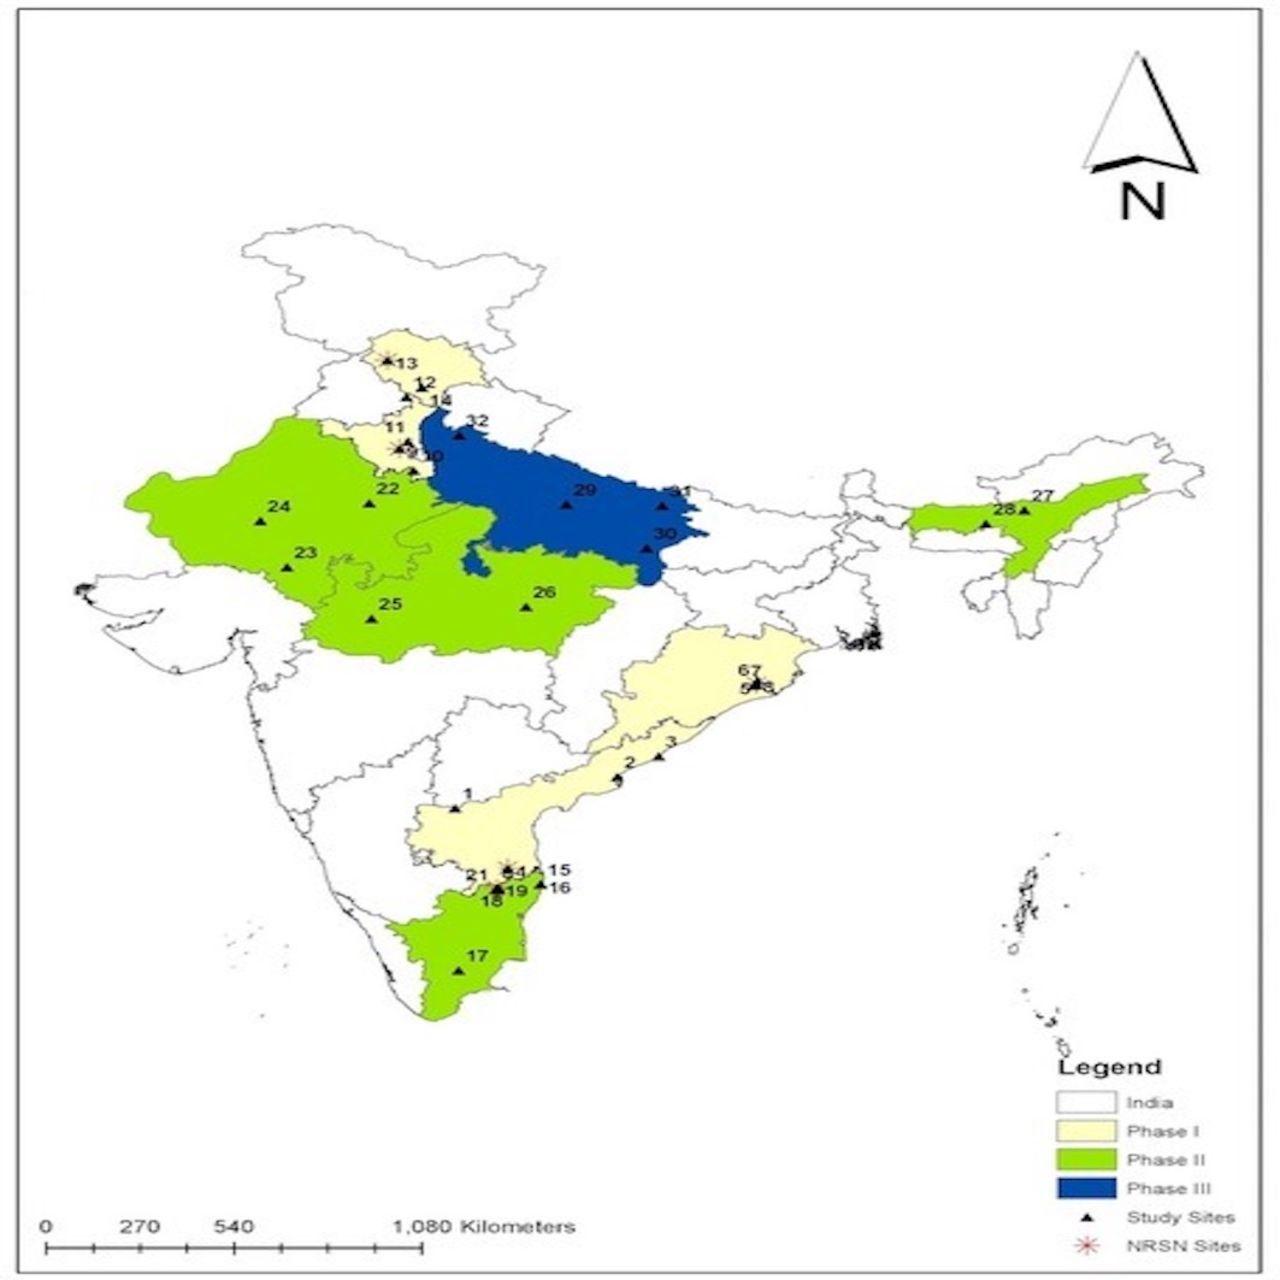 Rotavirus vaccine impact assessment surveillance in India